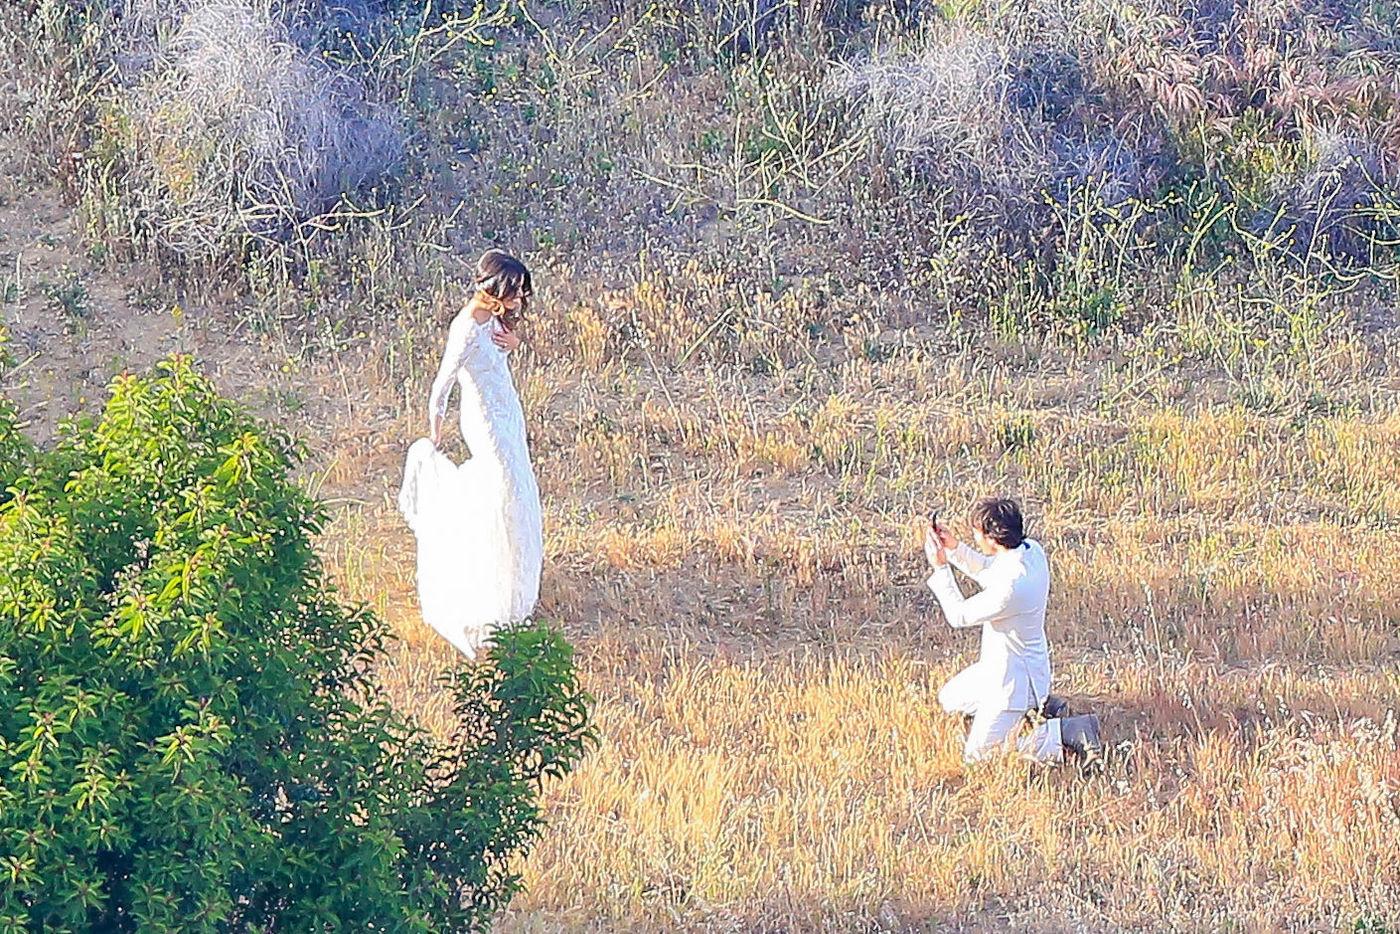 Сомерхолдер фото со свадьбы